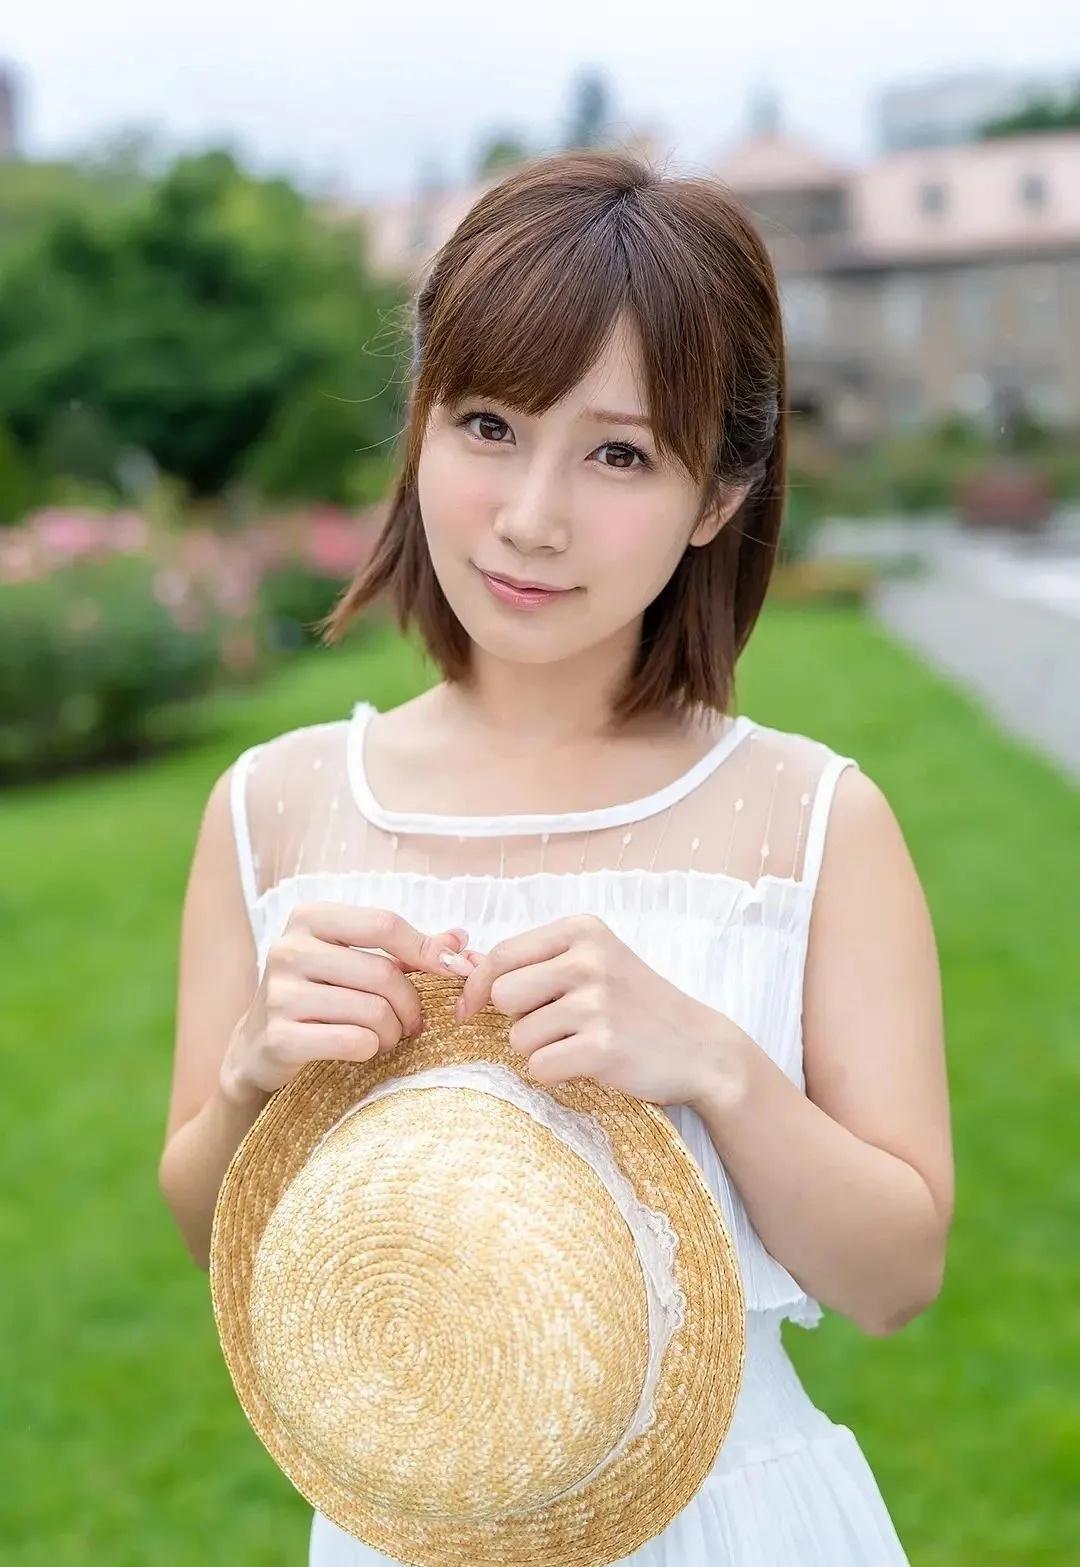 日本女优专题:《揭秘100名女优背后的故事》第6期:小岛南(小岛みなみ)